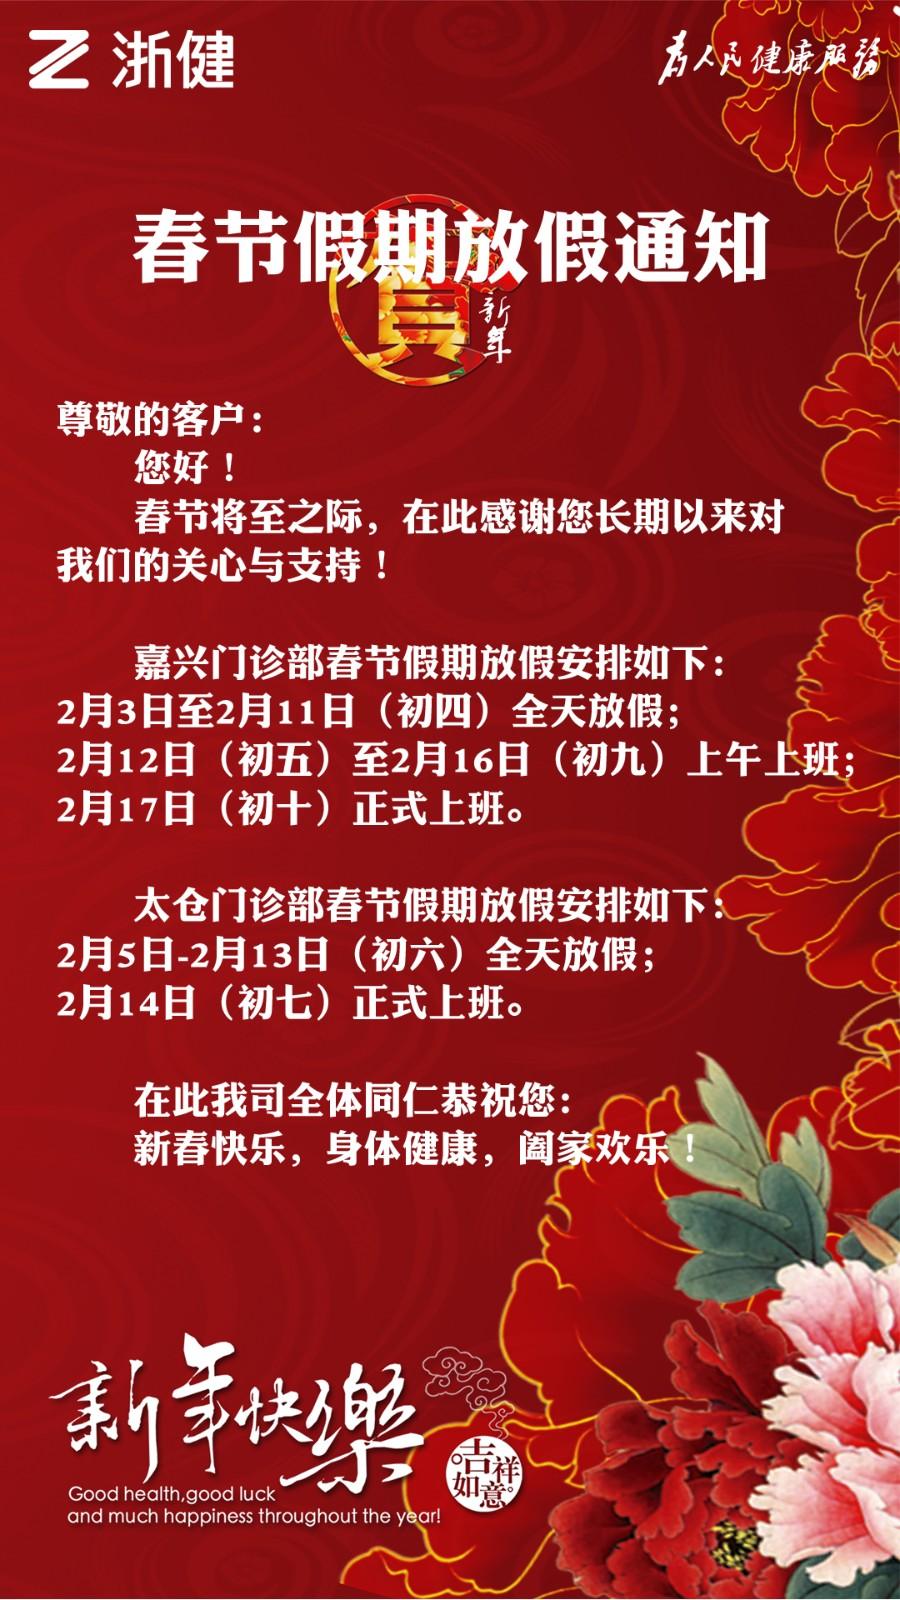 2016年春节放假通知